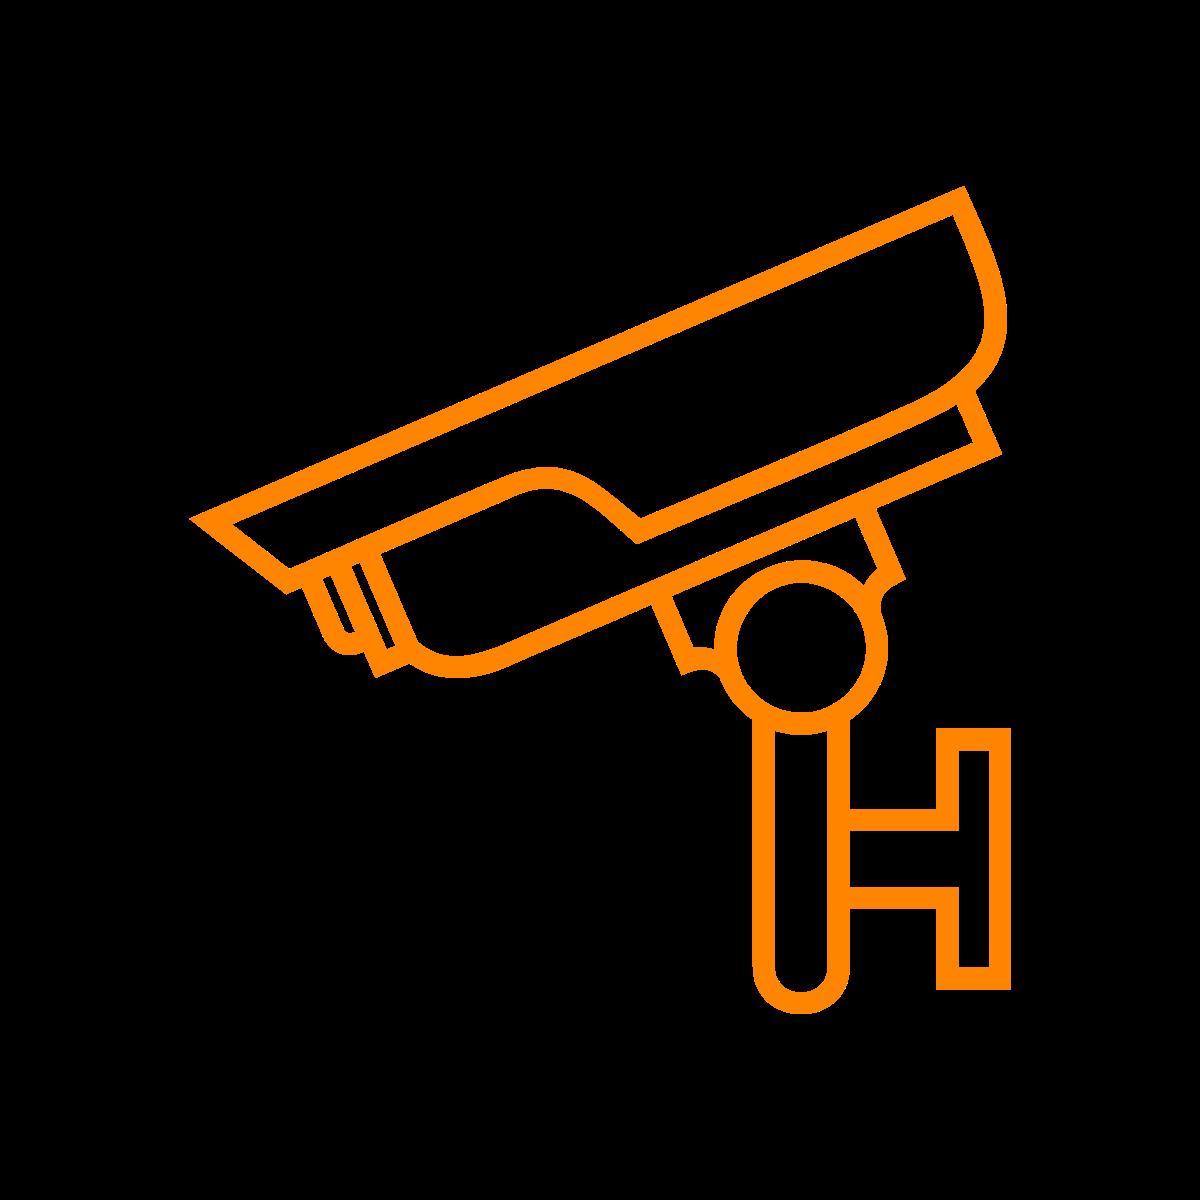 noun_CCTV_1407953.png